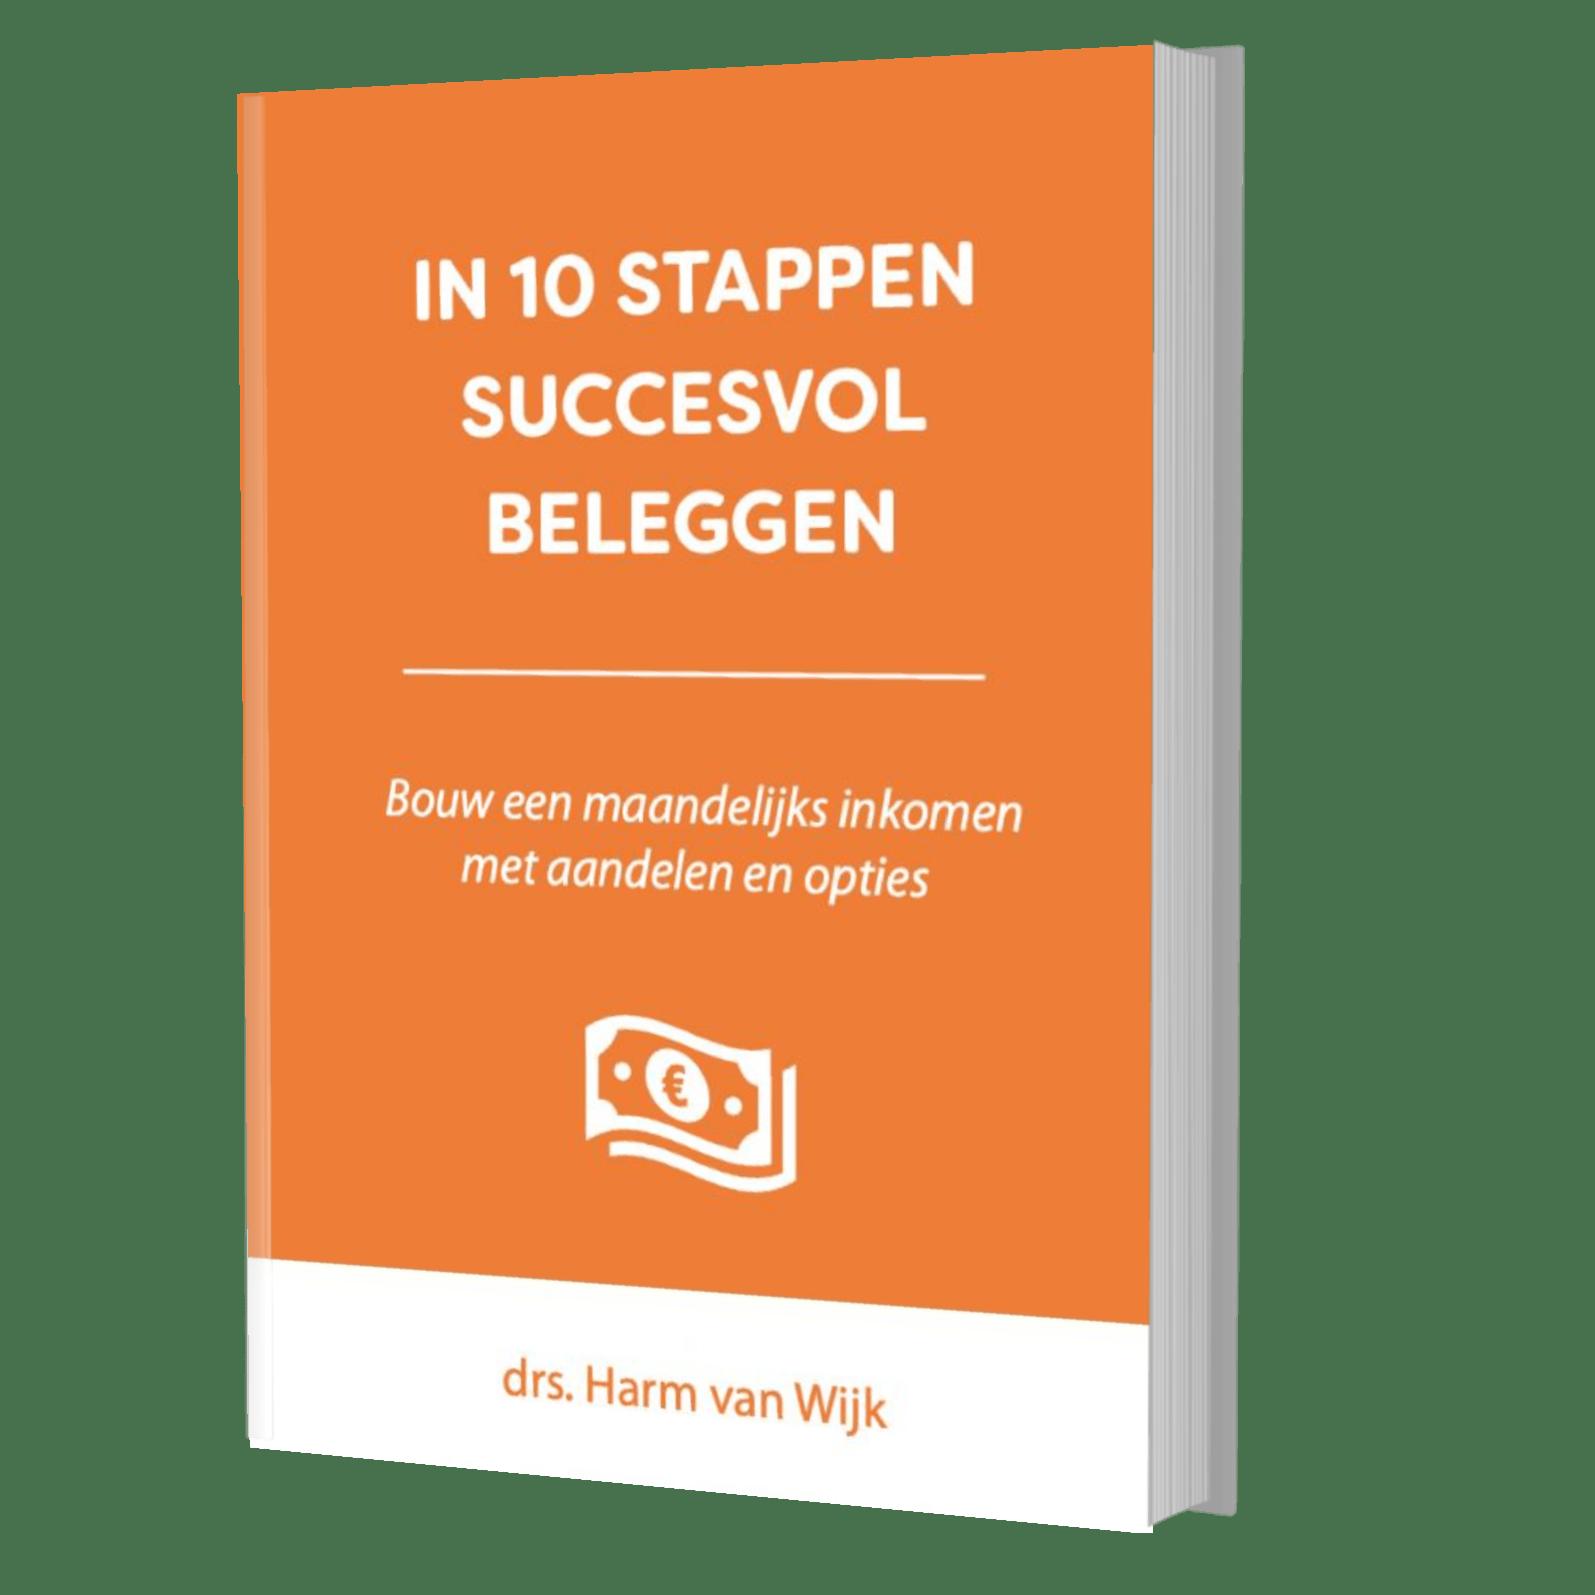 Boeklancering Harm van Wijk (Tom Lassing)